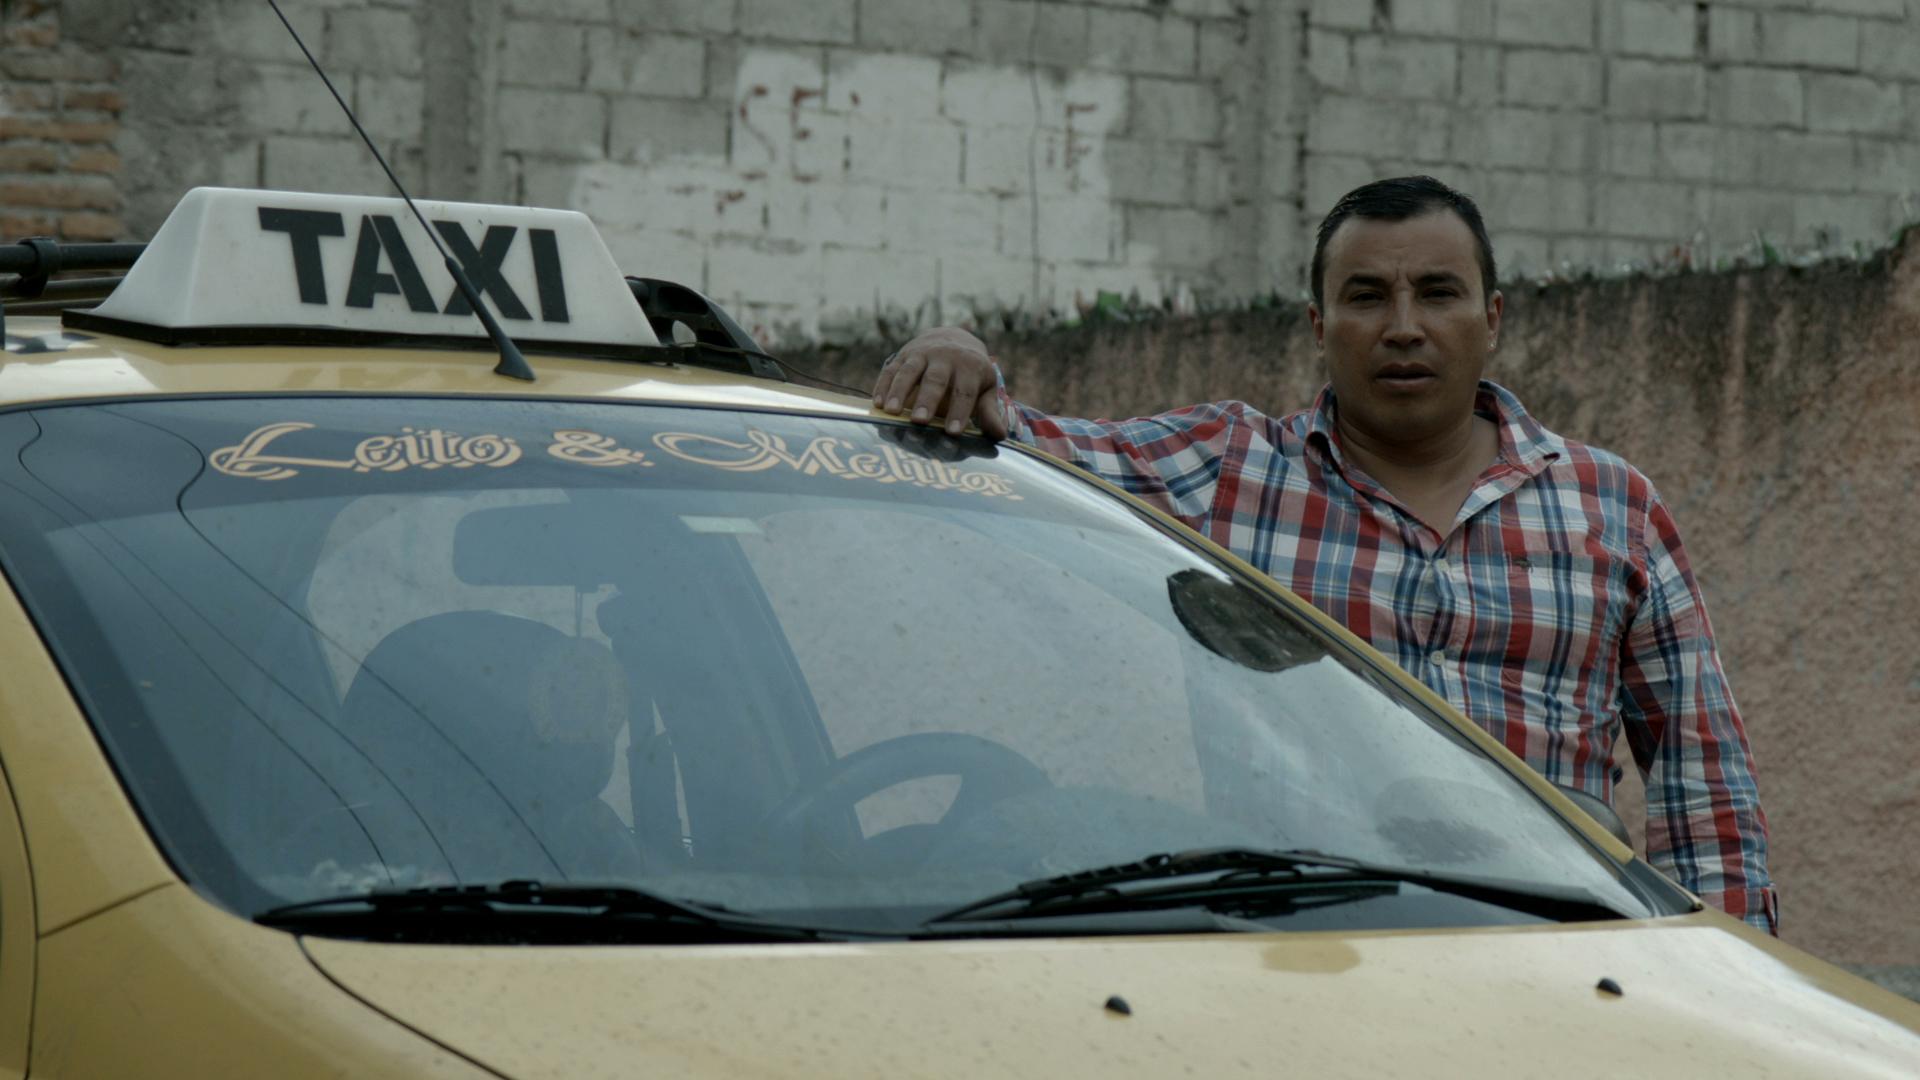 Freddy e il suo taxi in Country for old men di Stefano Cravero e Pietro Jona